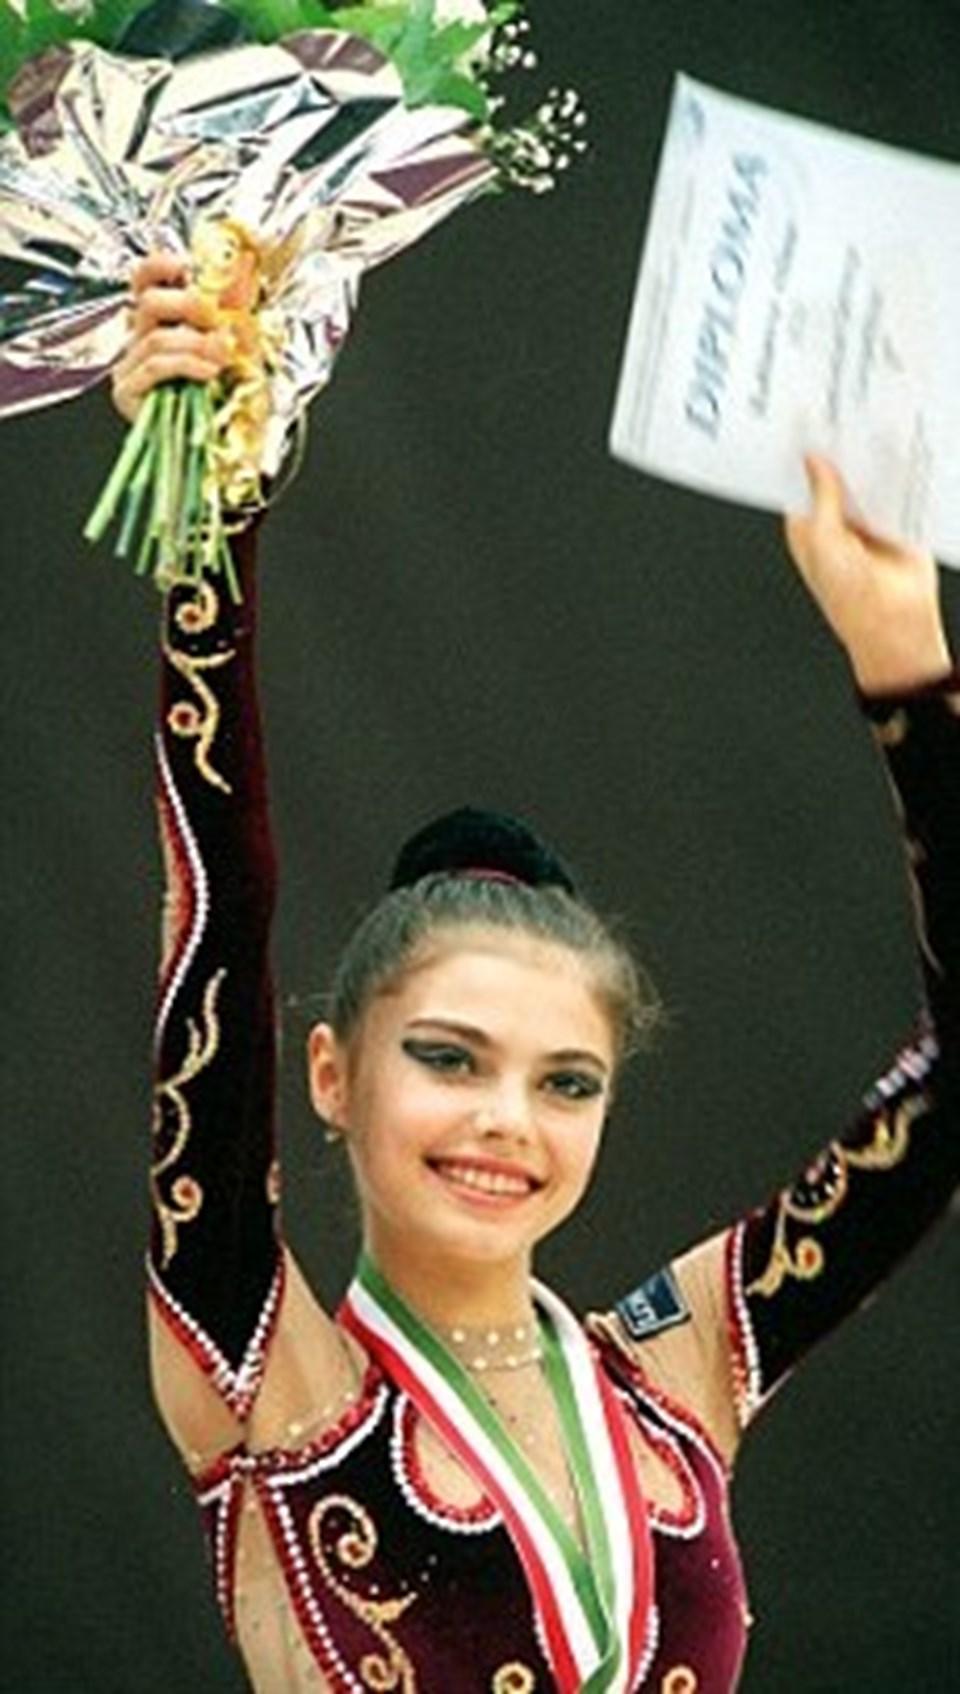 Kabayeva onlarca madalyasıyla bir milli kahraman olarak görülüyor.